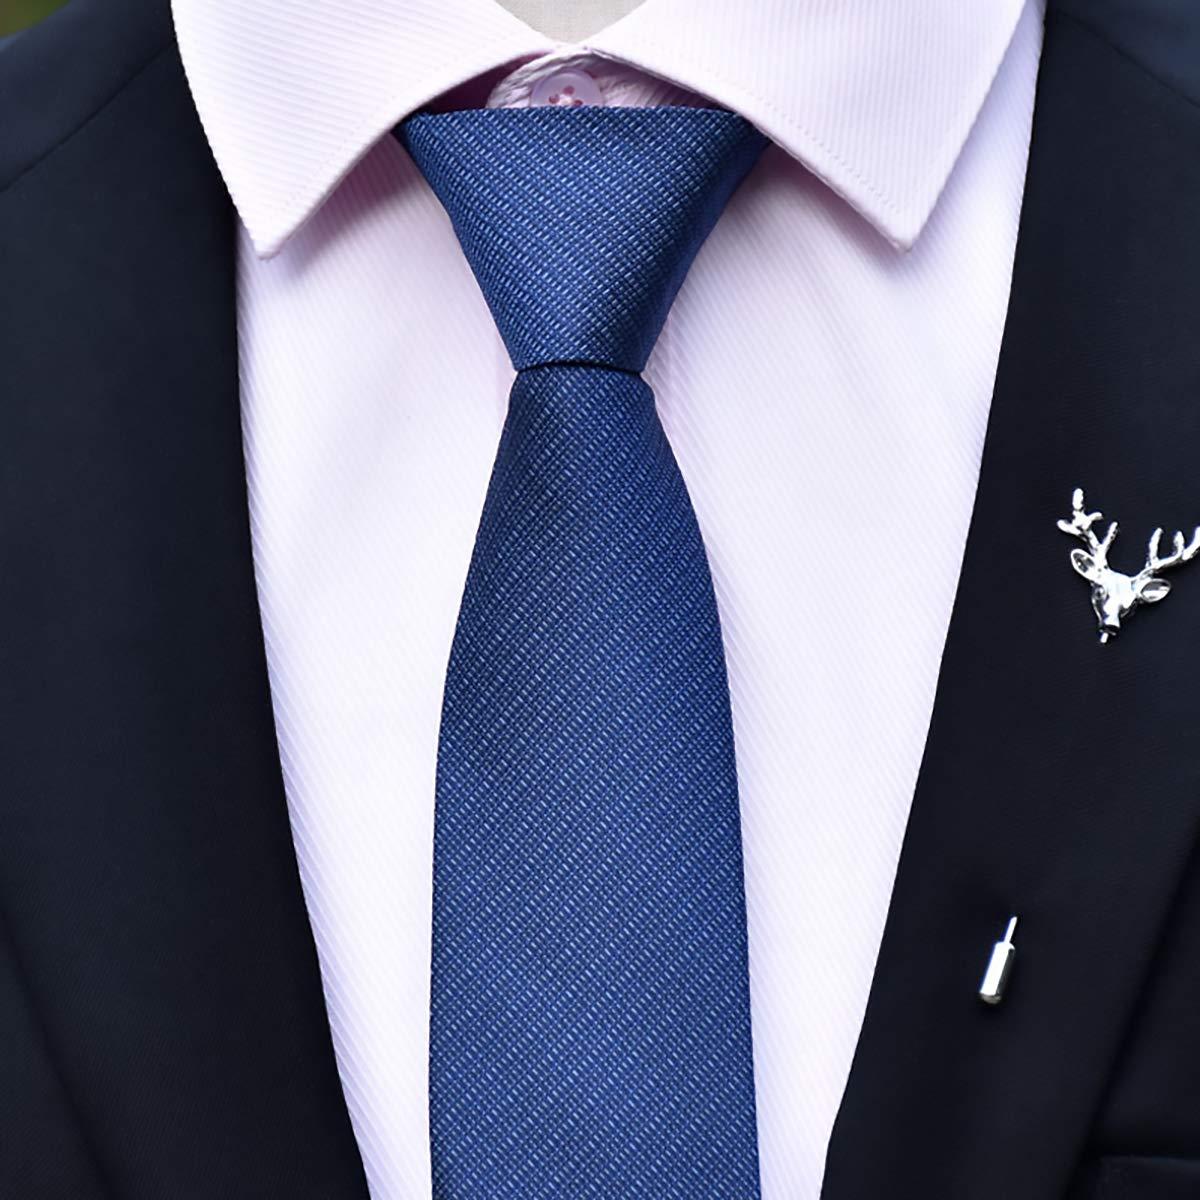 negocios corbata estrecha para hombre pre-atada a cuadros casual 6 cm azul oscuro longitud 48 cm monocolor WANYING Corbata con cremallera